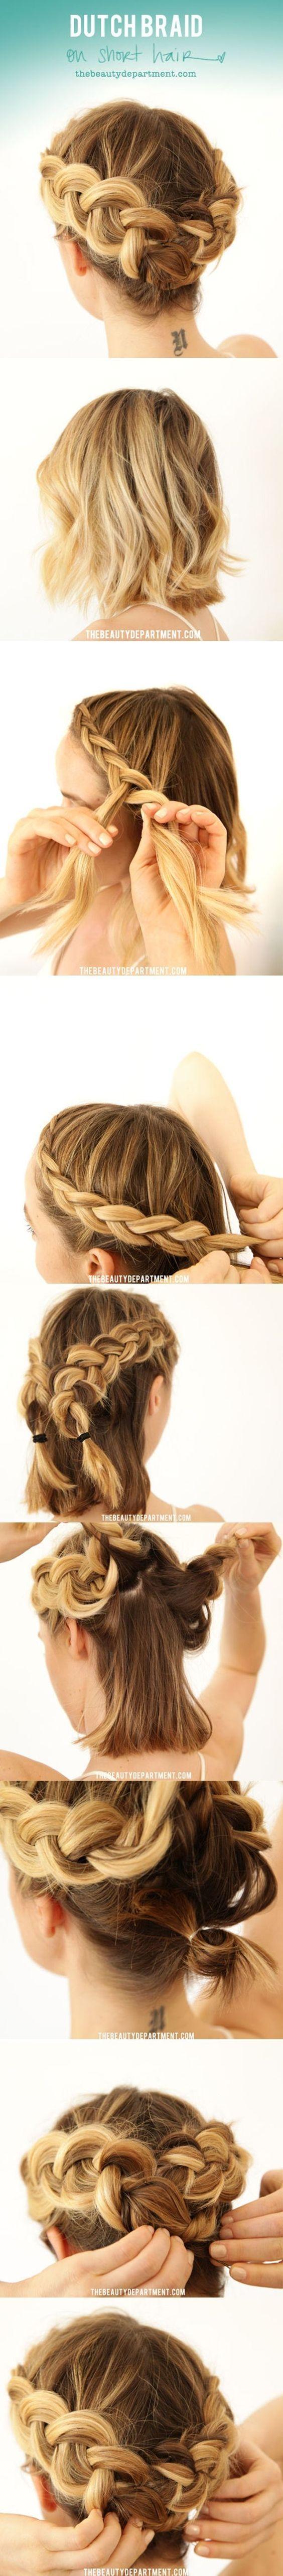 Peinado original con trenzas